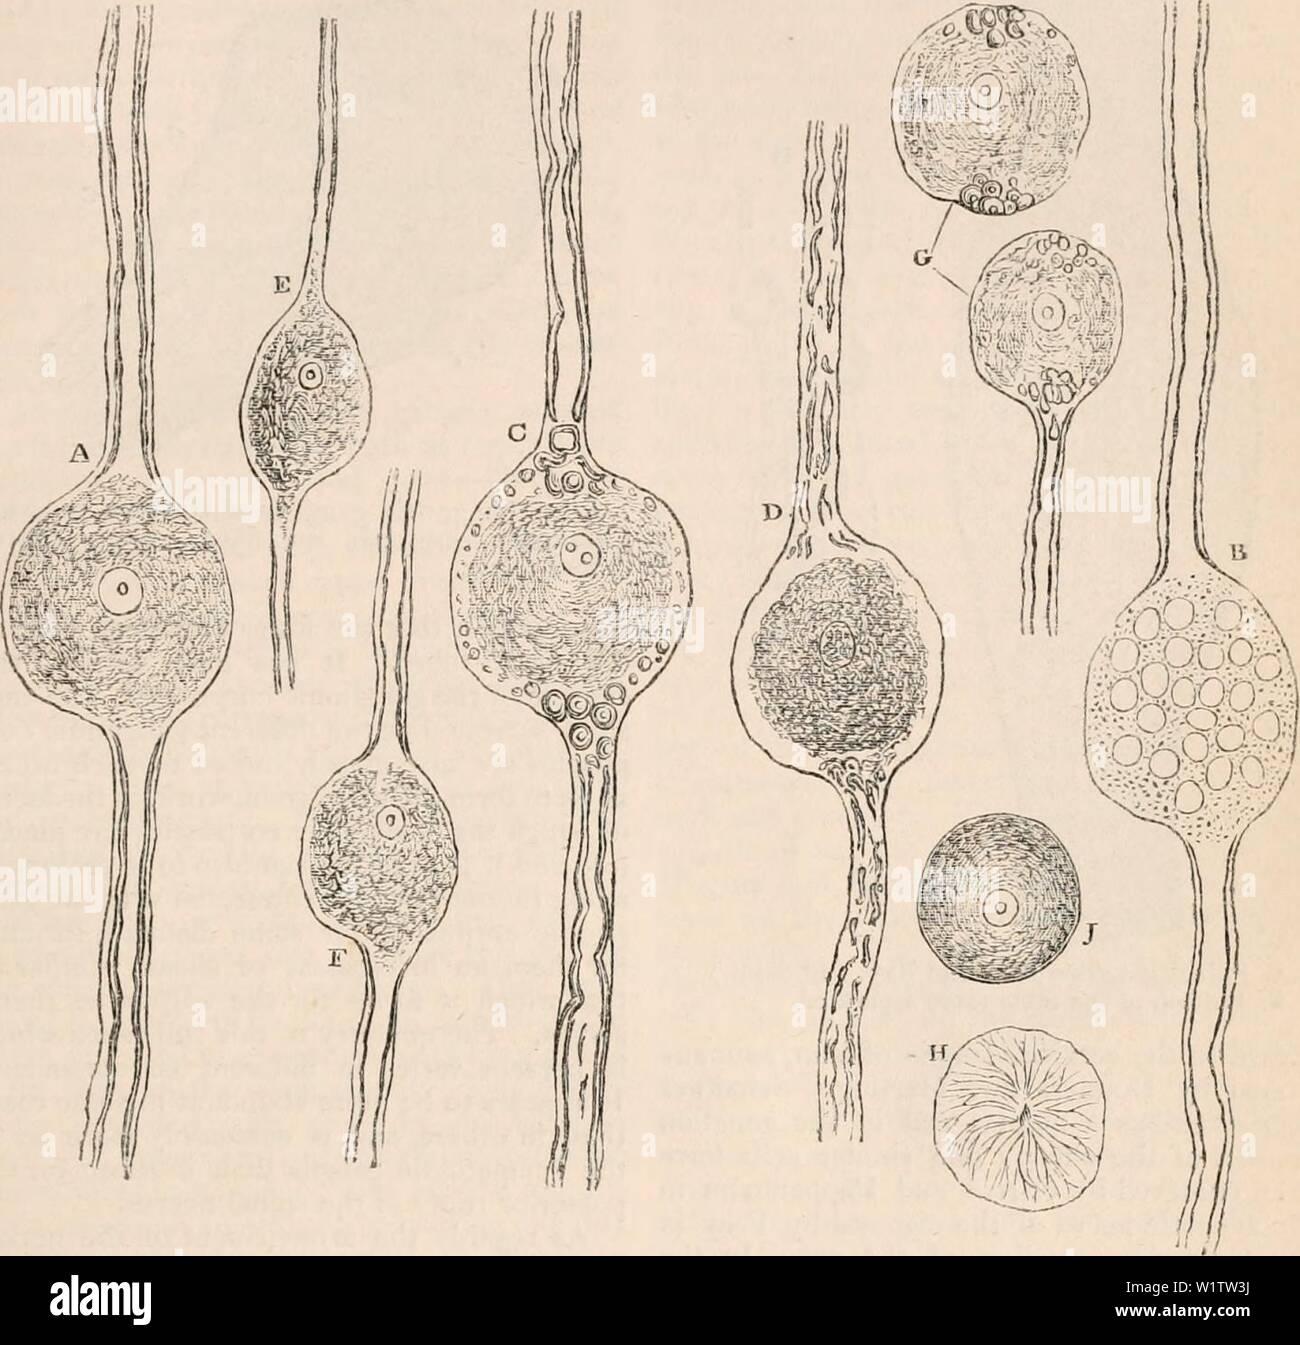 """Image d'archive à partir de la page 512 de la cyclopaedia de l'anatomie et. La cyclopaedia de l'anatomie et physiologie cyclopdiaofana05todd Année: 1859 SYMPATHIQUE. •137 cellules, lorsque le nerf-tubes sortir à l'une ou l'autre eux tourne vers la périphérie, l'un à l'extrémité, car, en général, elles le font, alors que l'un de l'autre vers le centres nerveux. Fig. 286. -&Lt; m$ /,'•' , • ••-. '; I I """", - •• -&Lt;•-. • .-.-.-- • J - - -,.'. •• - -.--••.: -.J':, corpuscules ganglionnaire de l'un des ganglions spinaux dans le rayon. Dans un, le contenu granulaire atteindre tout à fait à la marge de la vésicule; B, co-ganglionnaires Banque D'Images"""